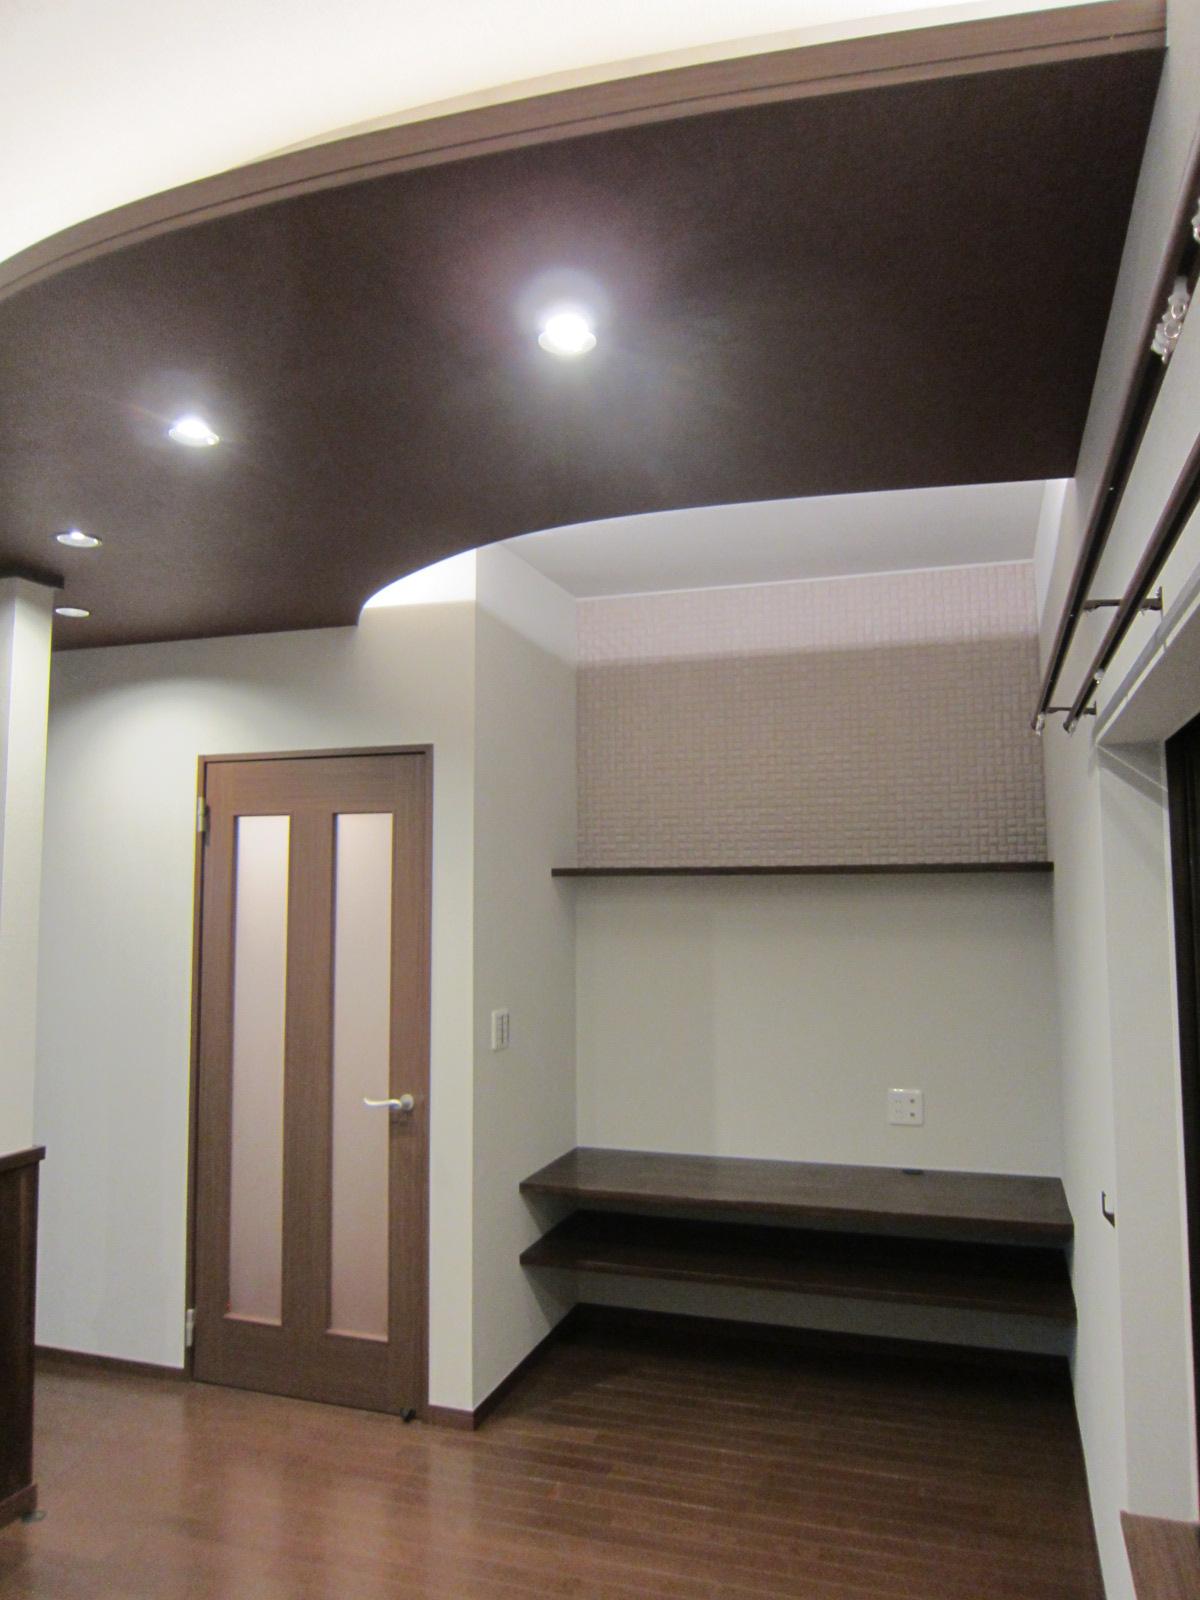 2一階和室